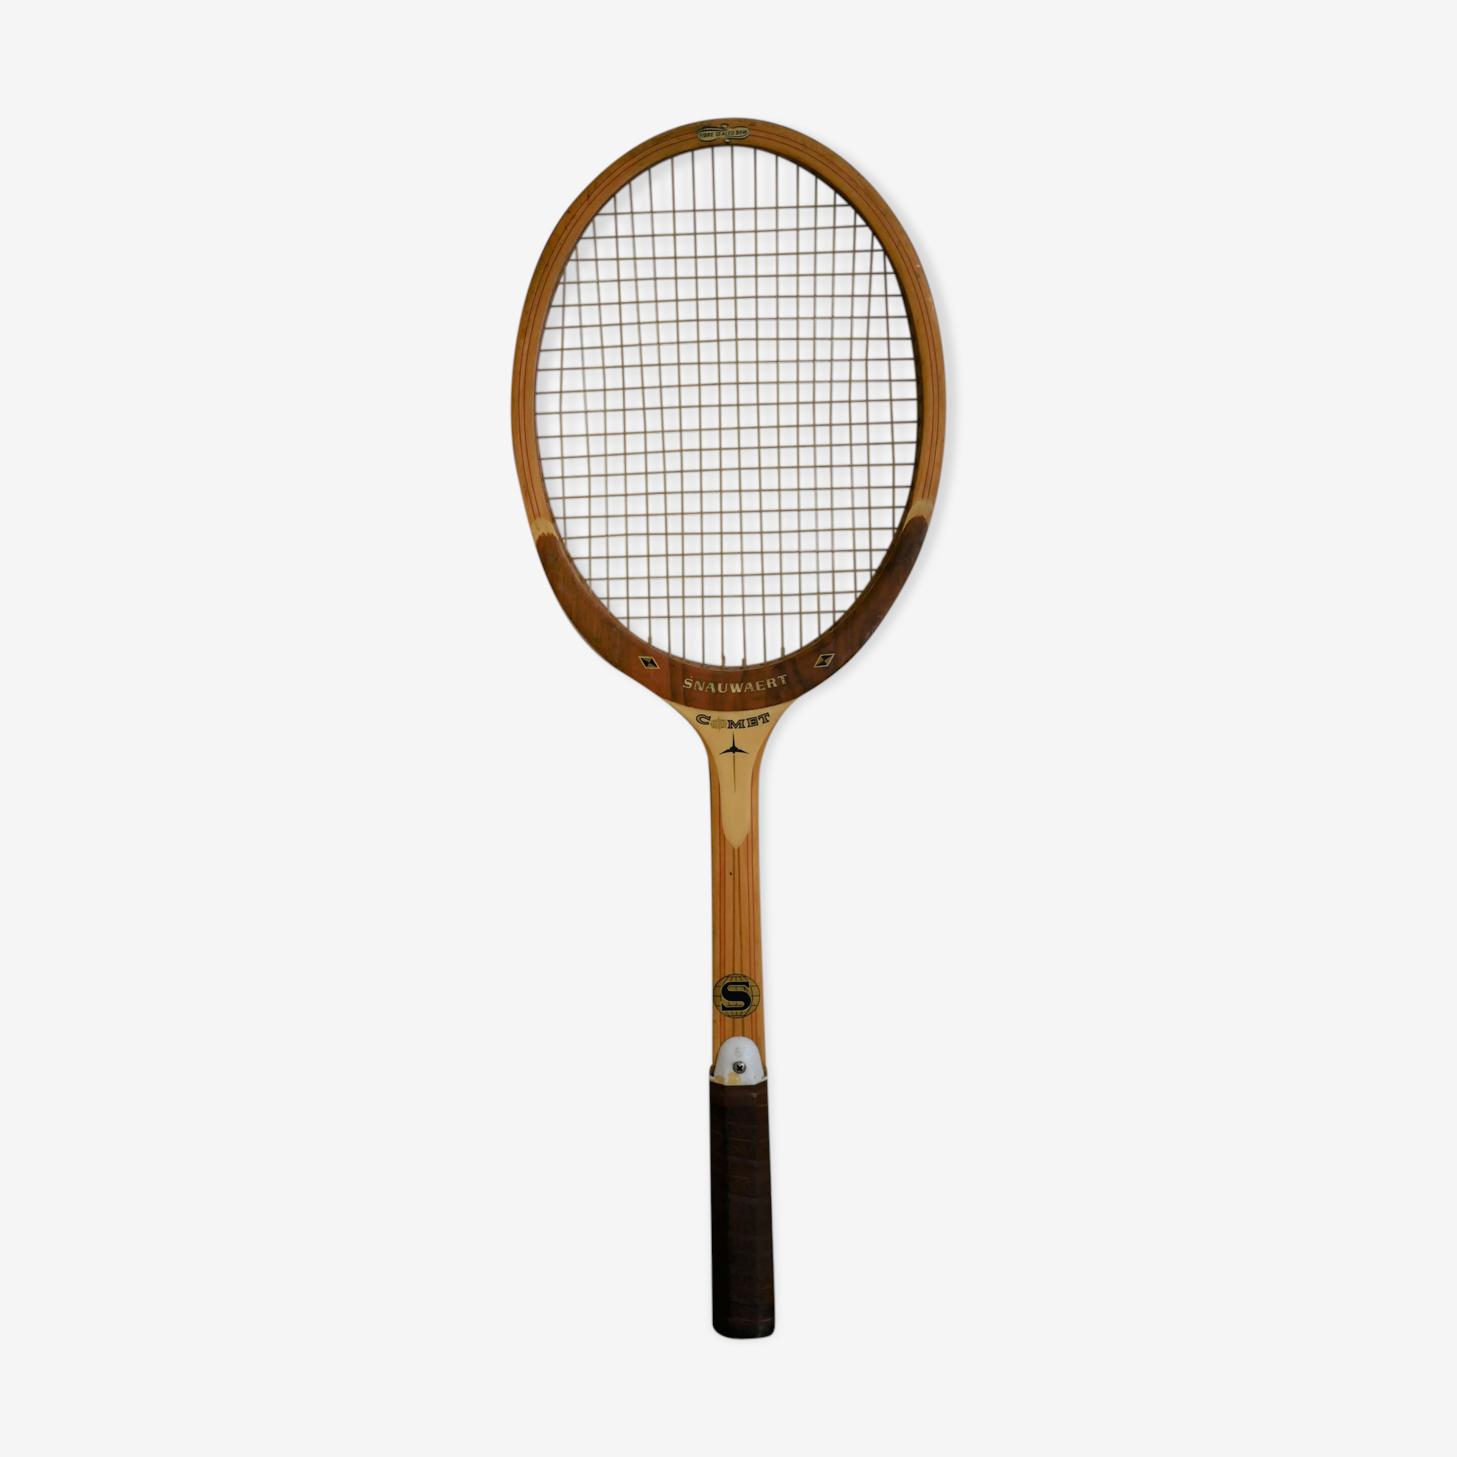 Old Racquet Snauwaert, made in Belgium